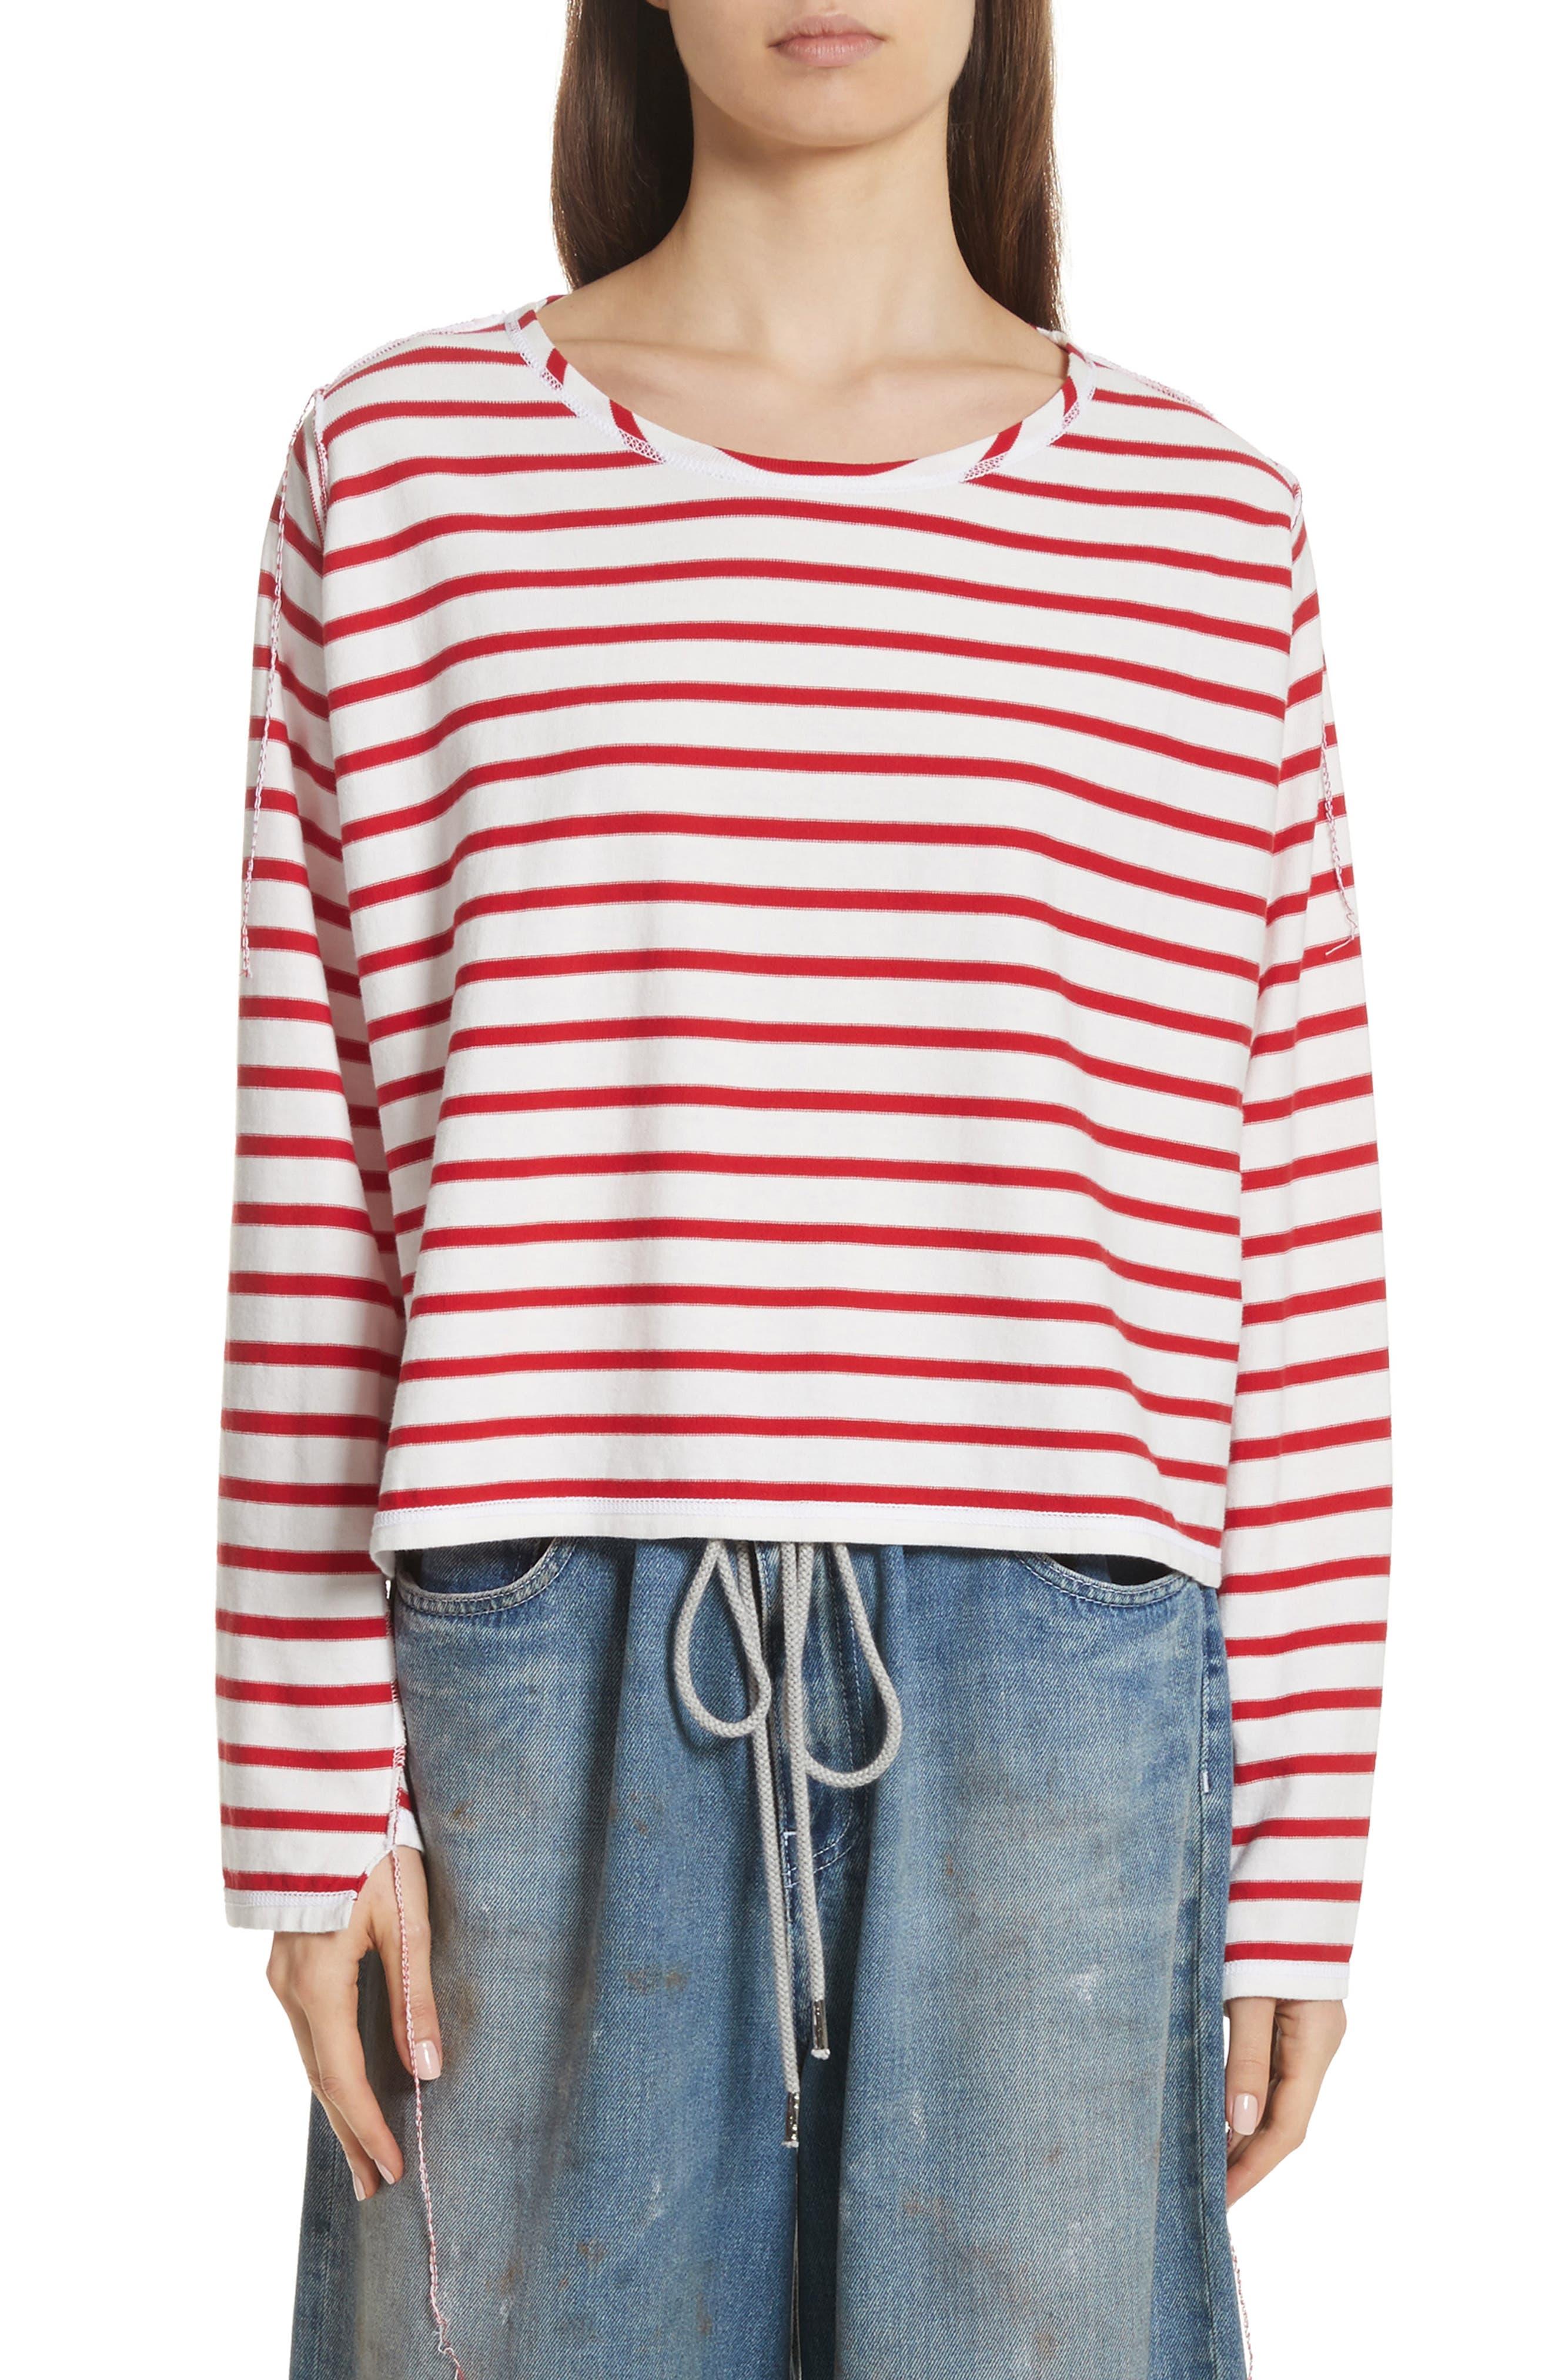 MM6 Maison Margiela Inside Out Stripe Sweater